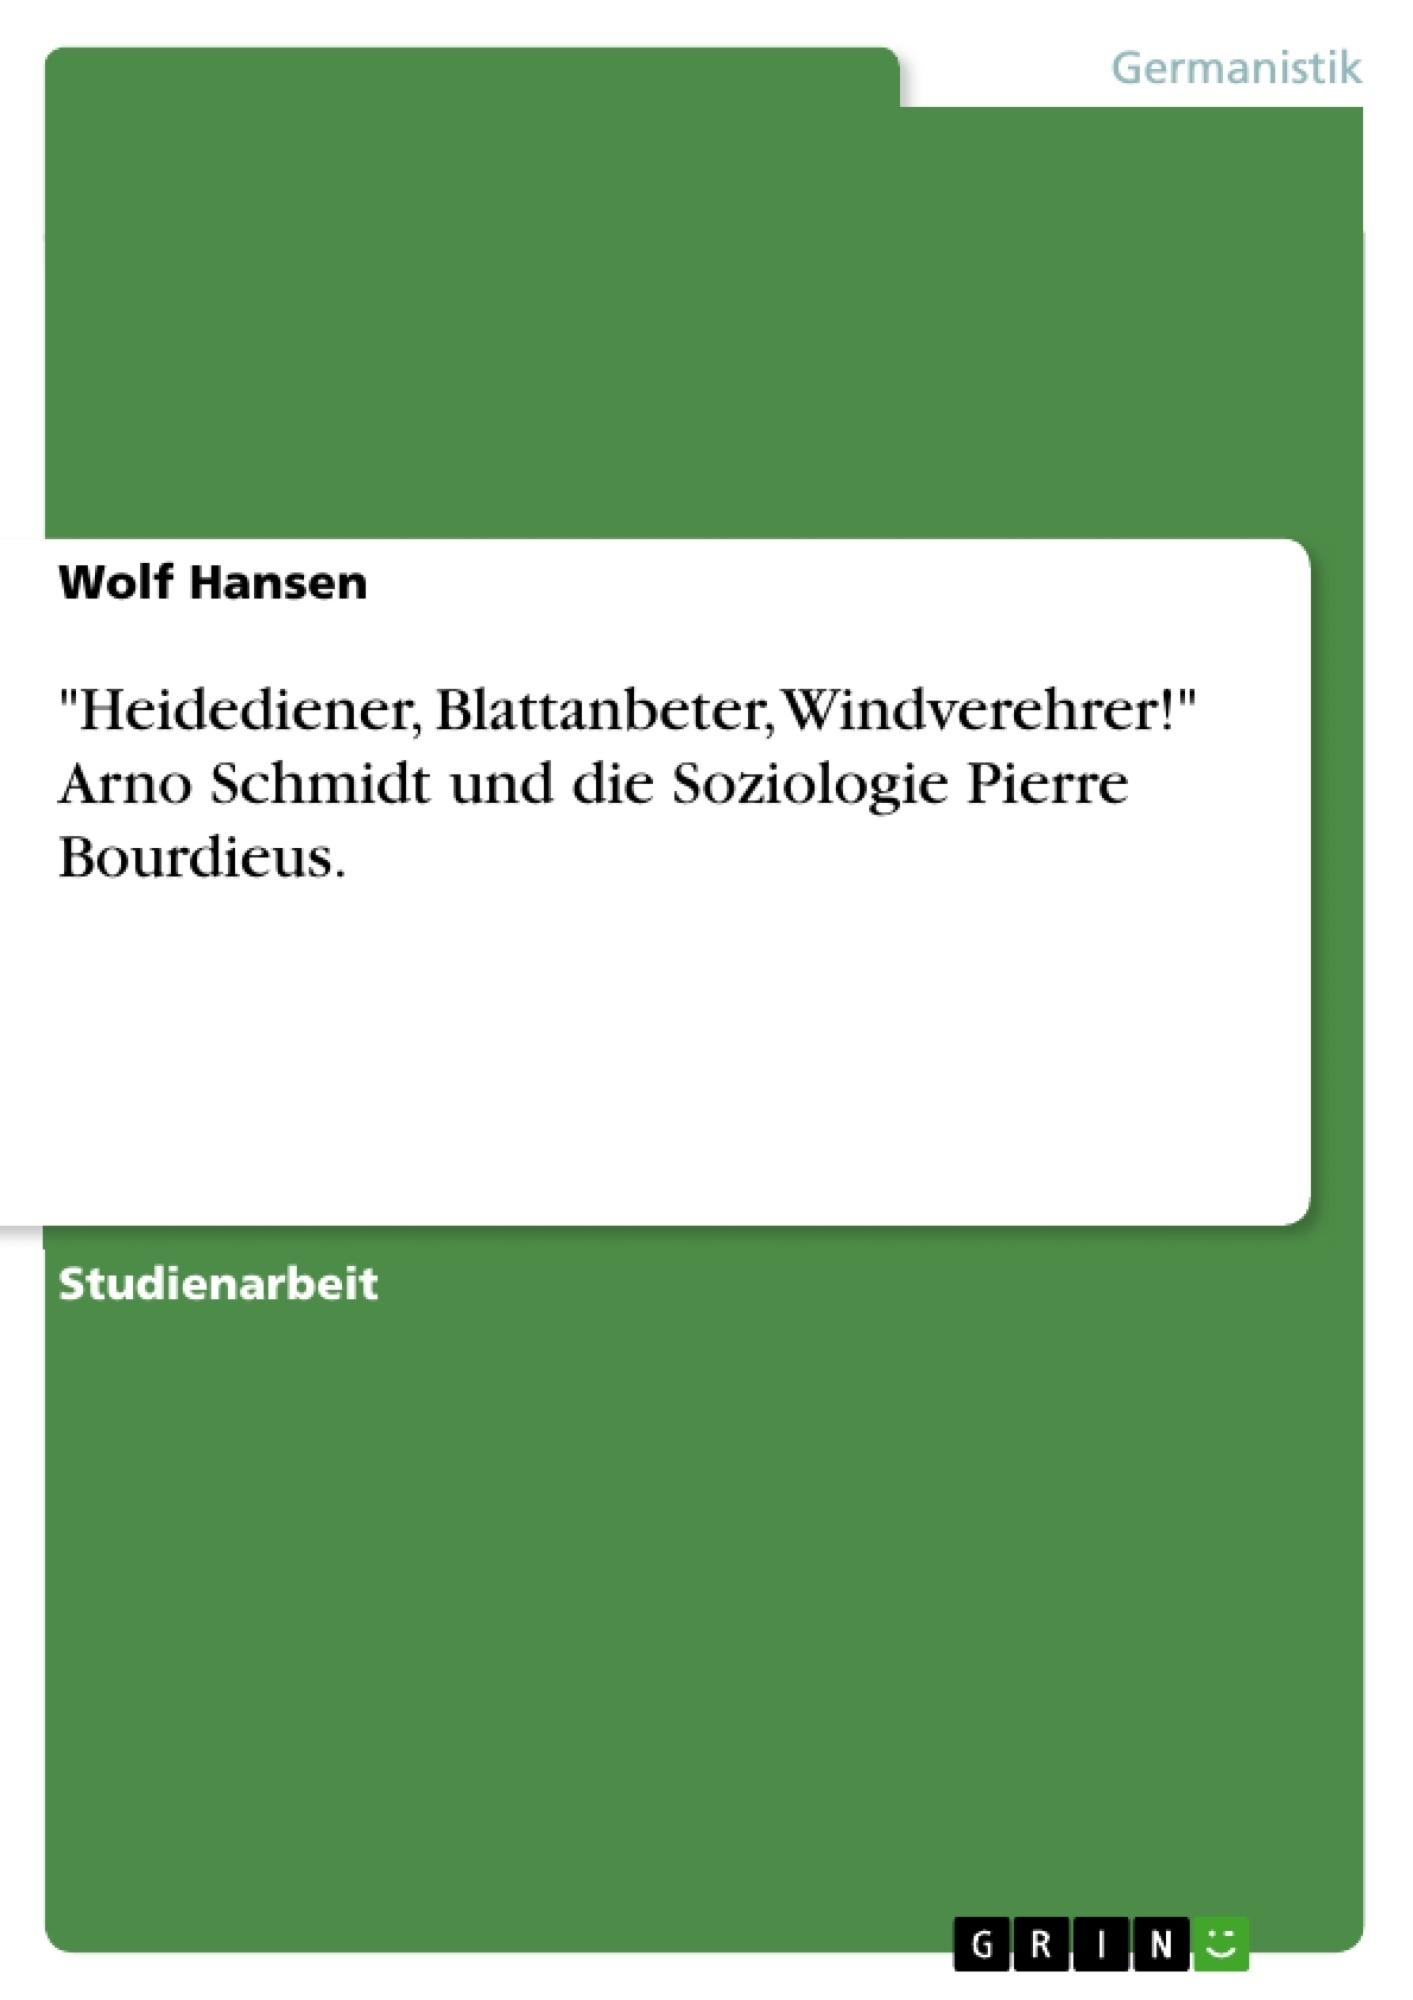 """Titel: """"Heidediener, Blattanbeter, Windverehrer!"""" Arno Schmidt und die Soziologie Pierre Bourdieus."""